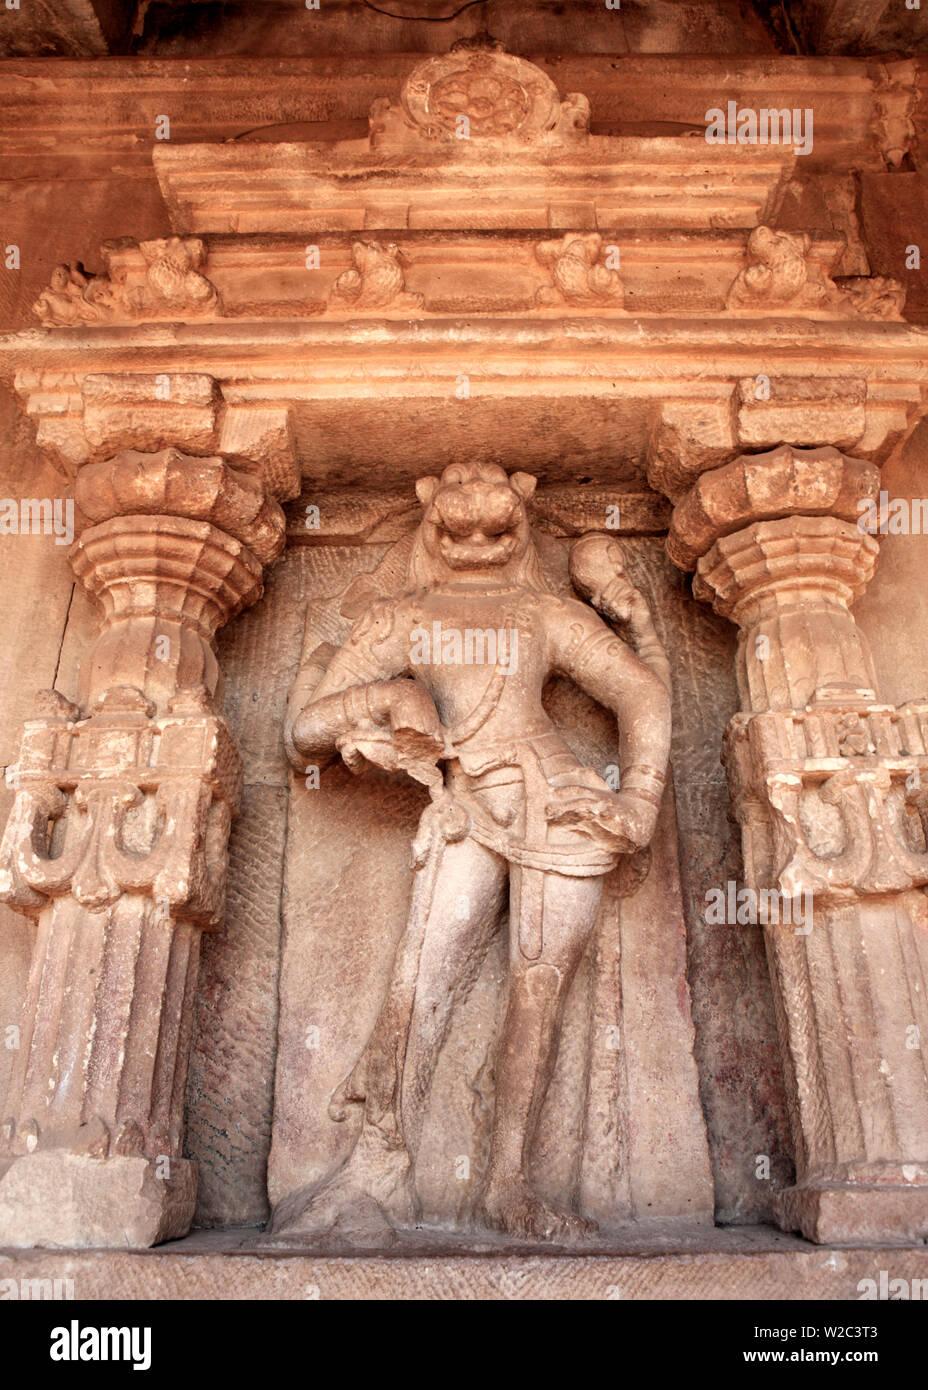 Hindu temple, Aihole, Karnataka, India - Stock Image